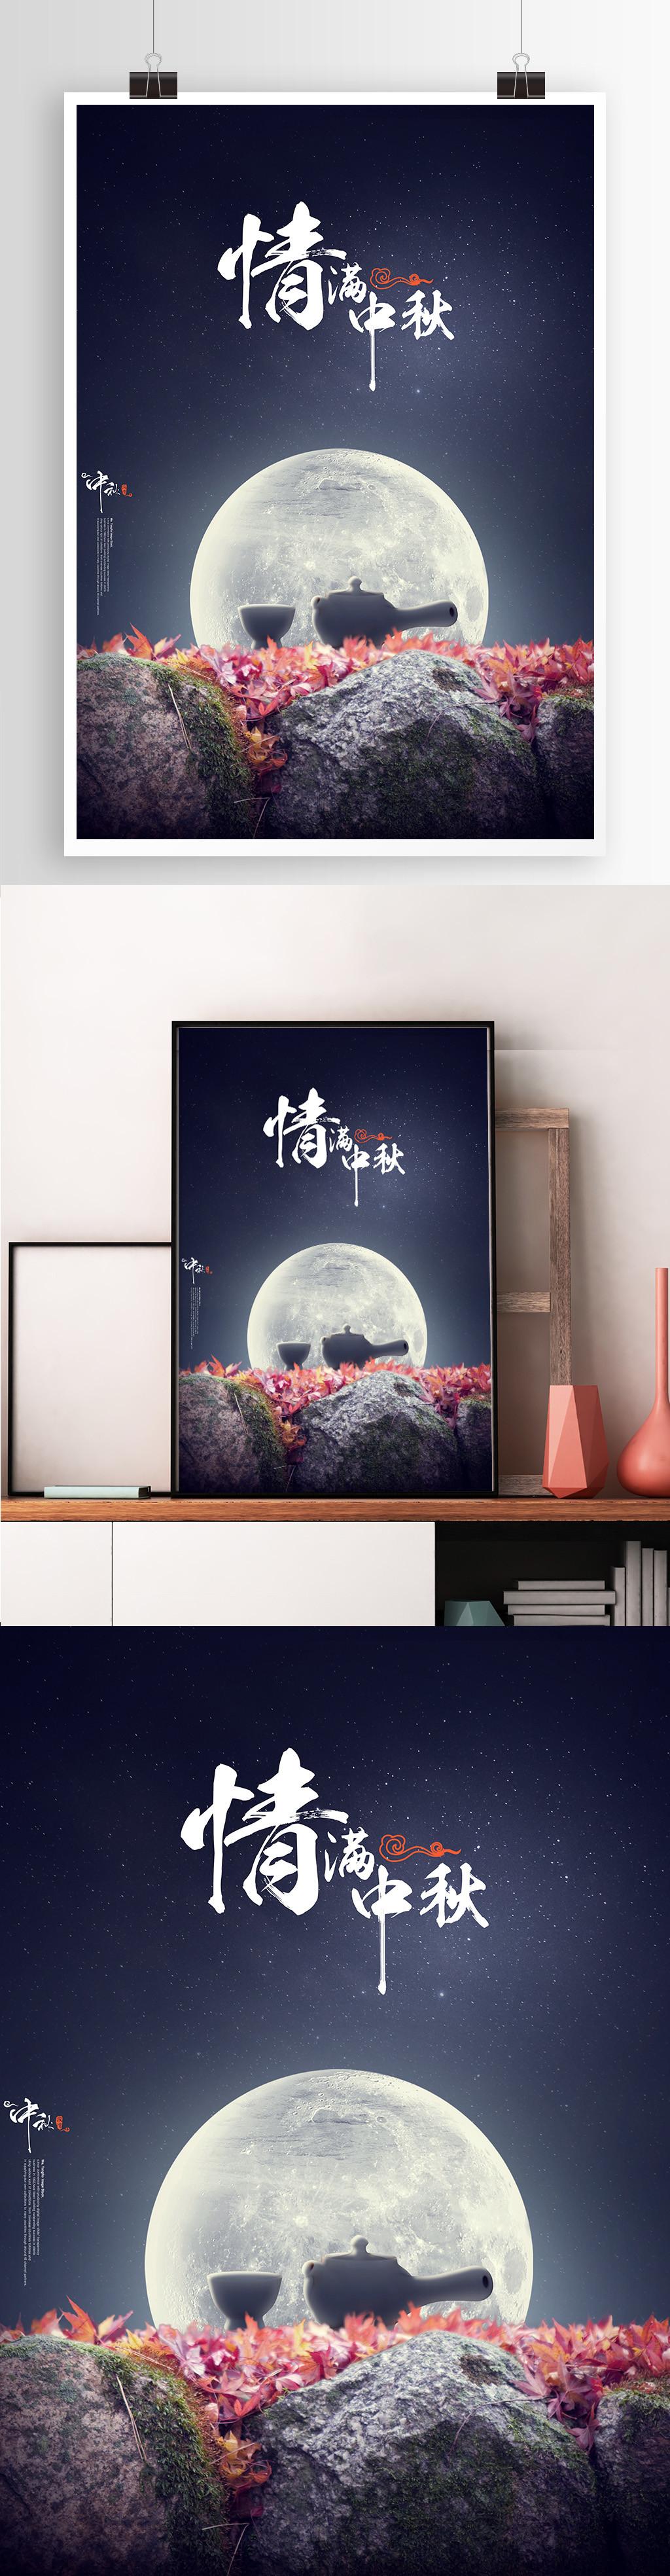 大气简约复古风情满中秋月亮茶壶中秋节海报psd